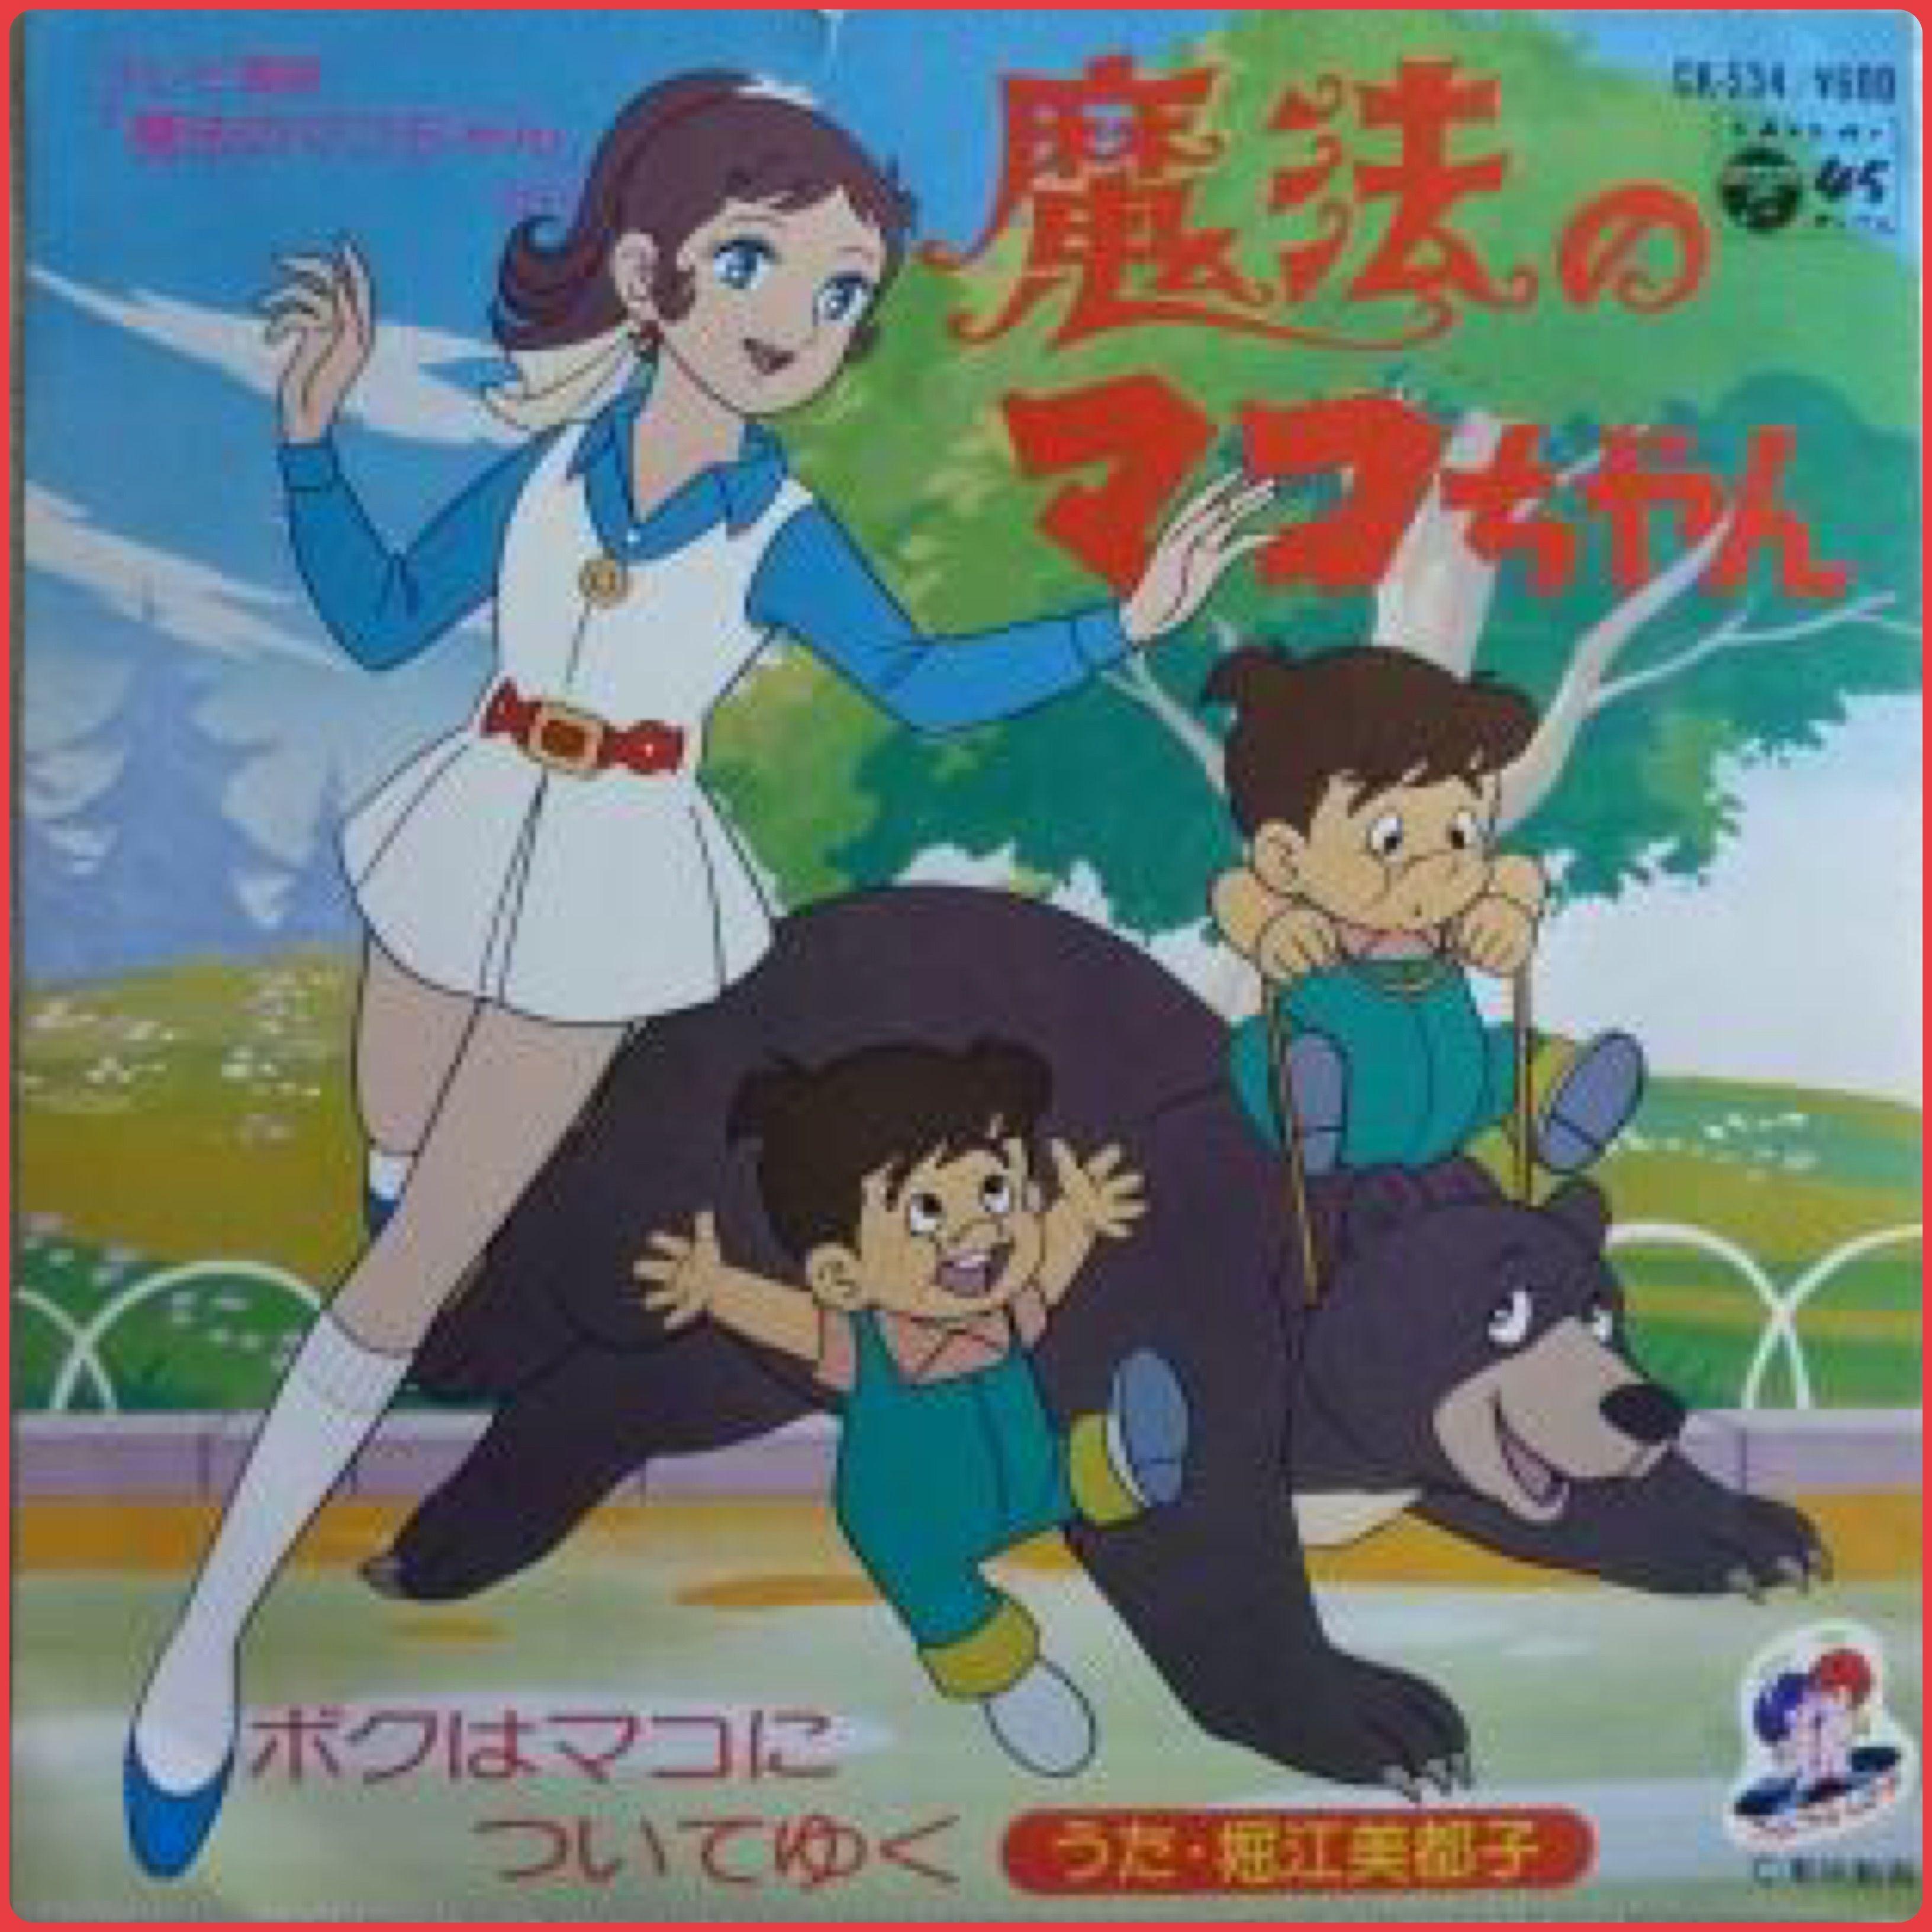 昭和少女 おしゃれまとめの人気アイデア pinterest belle zlm kombi アニメ 懐かしいゲーム アニメーション